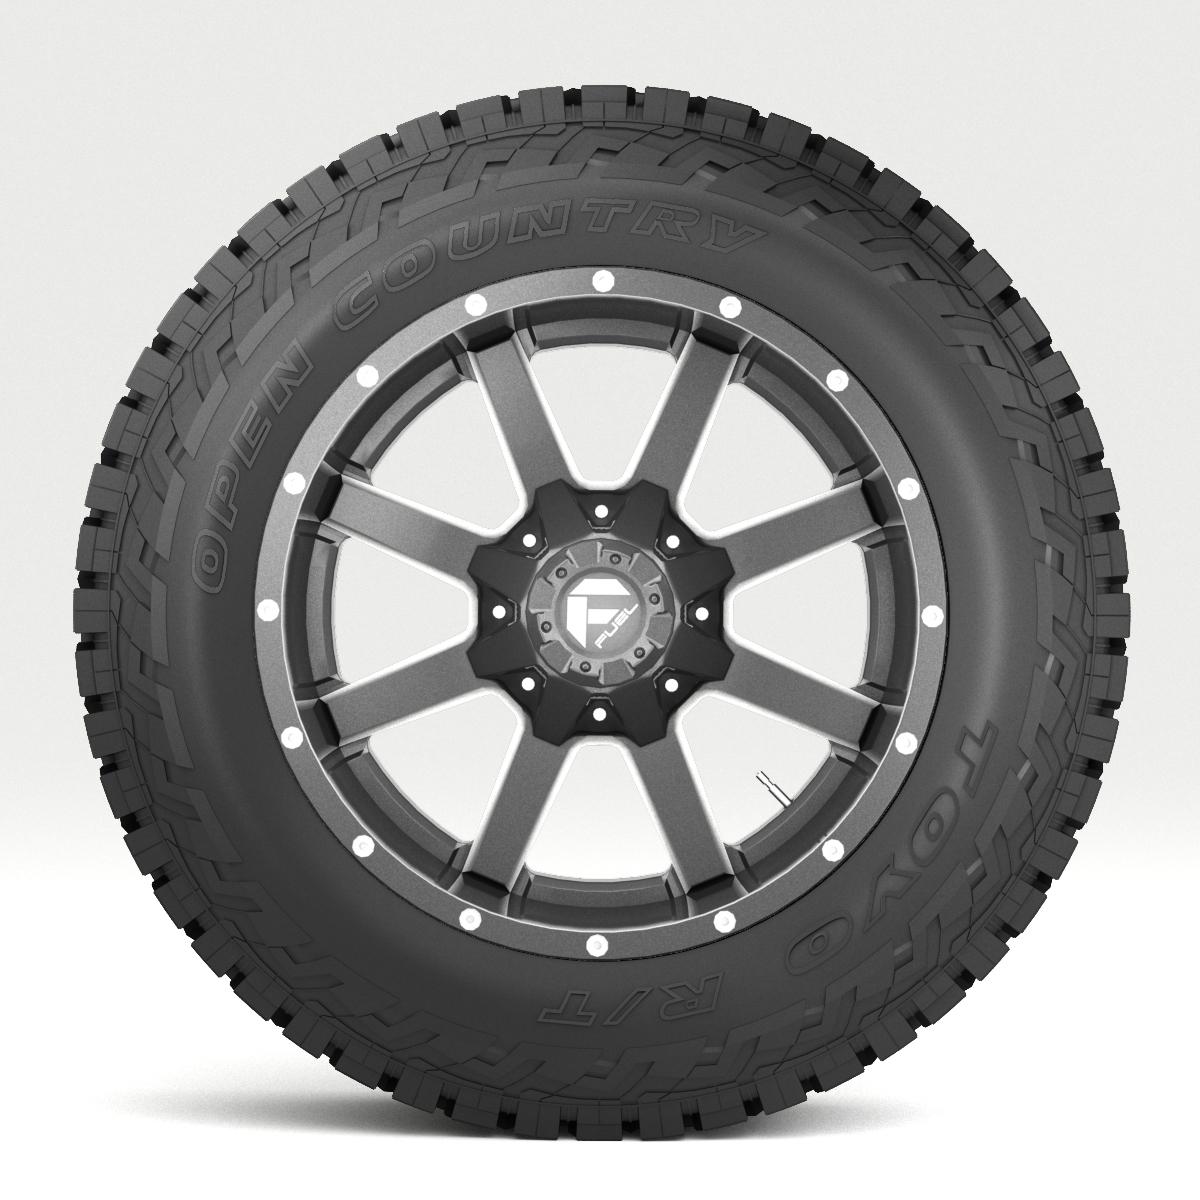 off road wheel and tire 7 3d model 3ds max fbx tga targa icb vda vst pix obj 282488